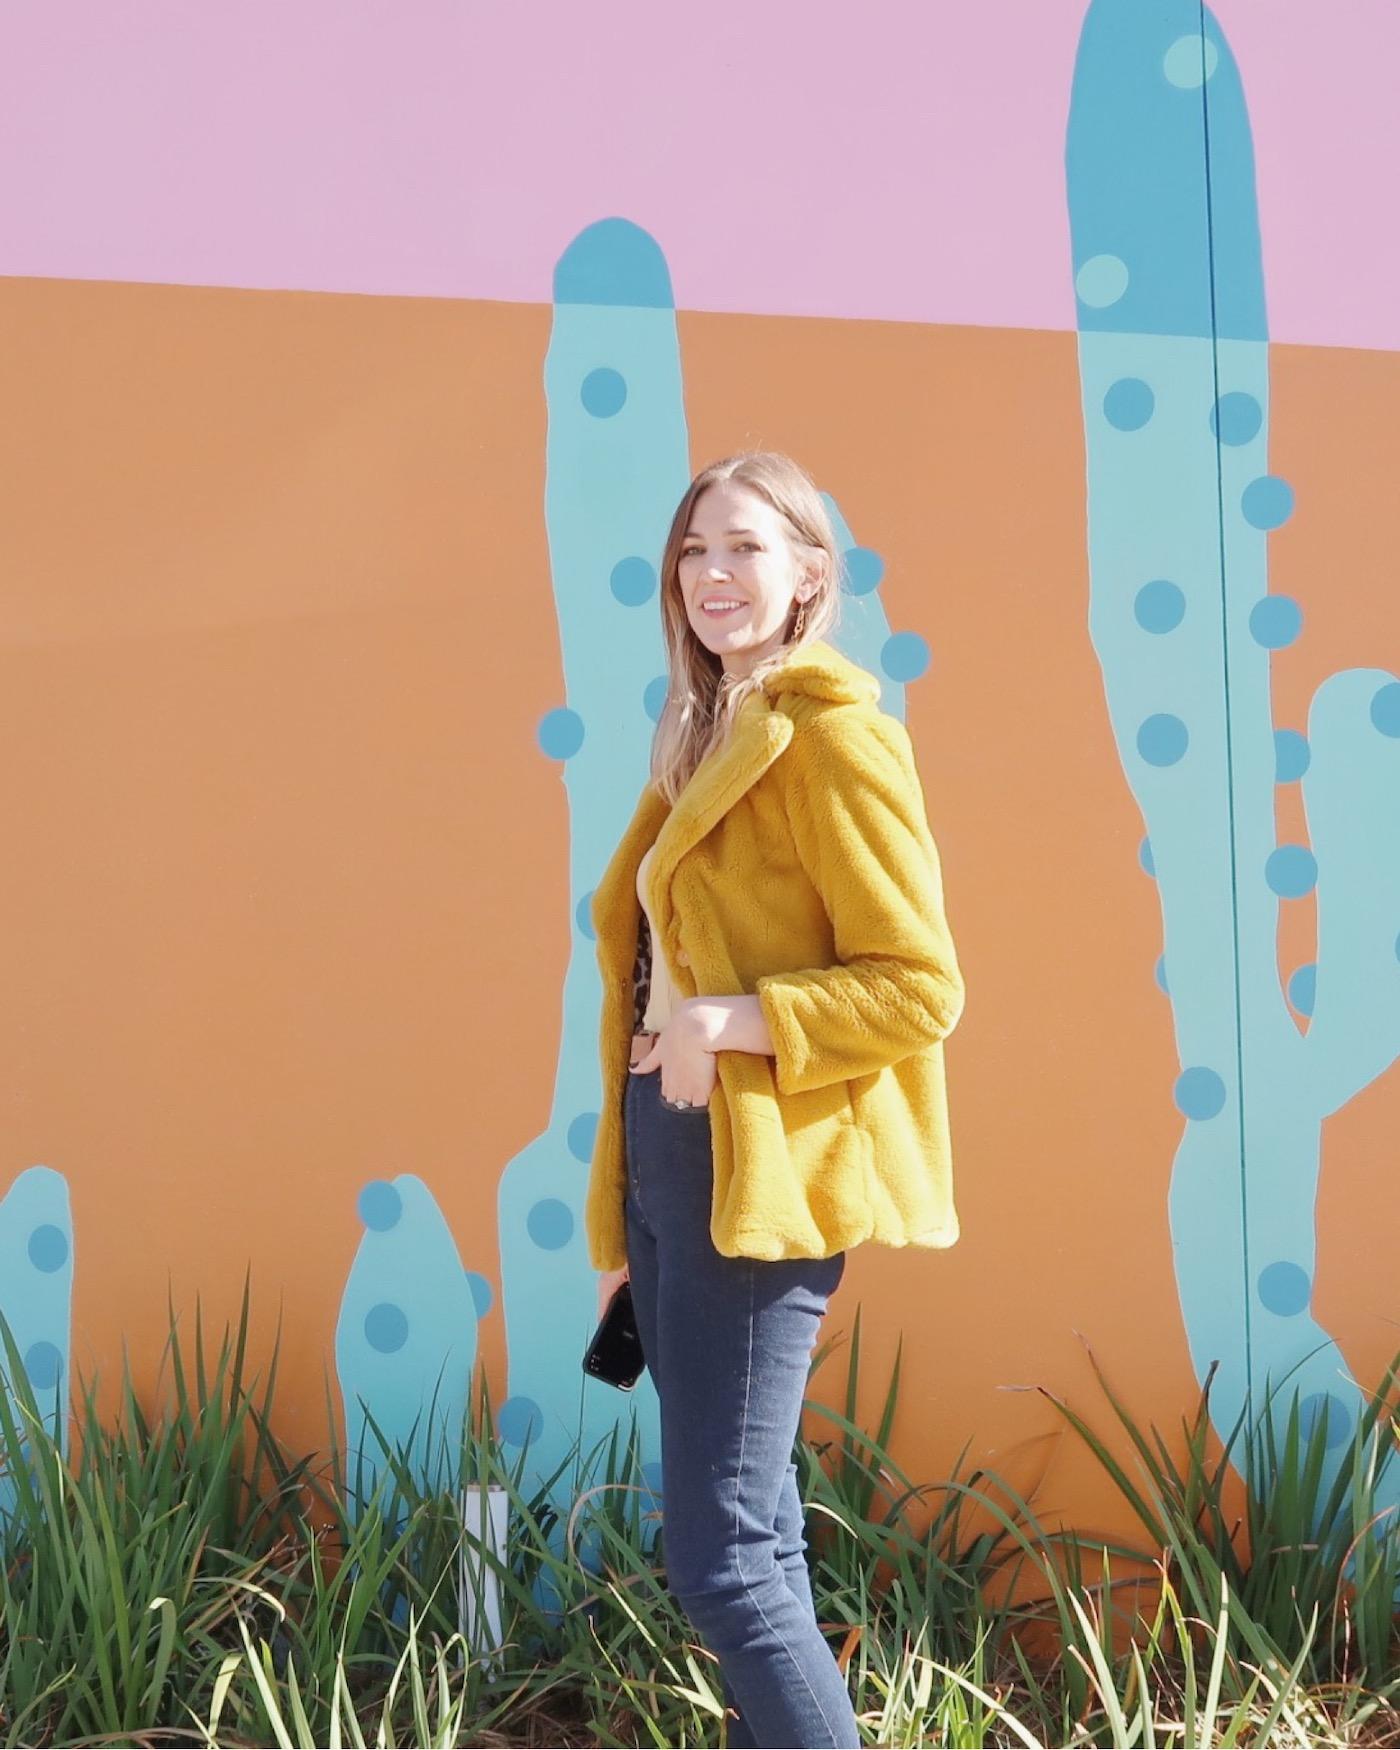 Fuzzy Yellow Coat